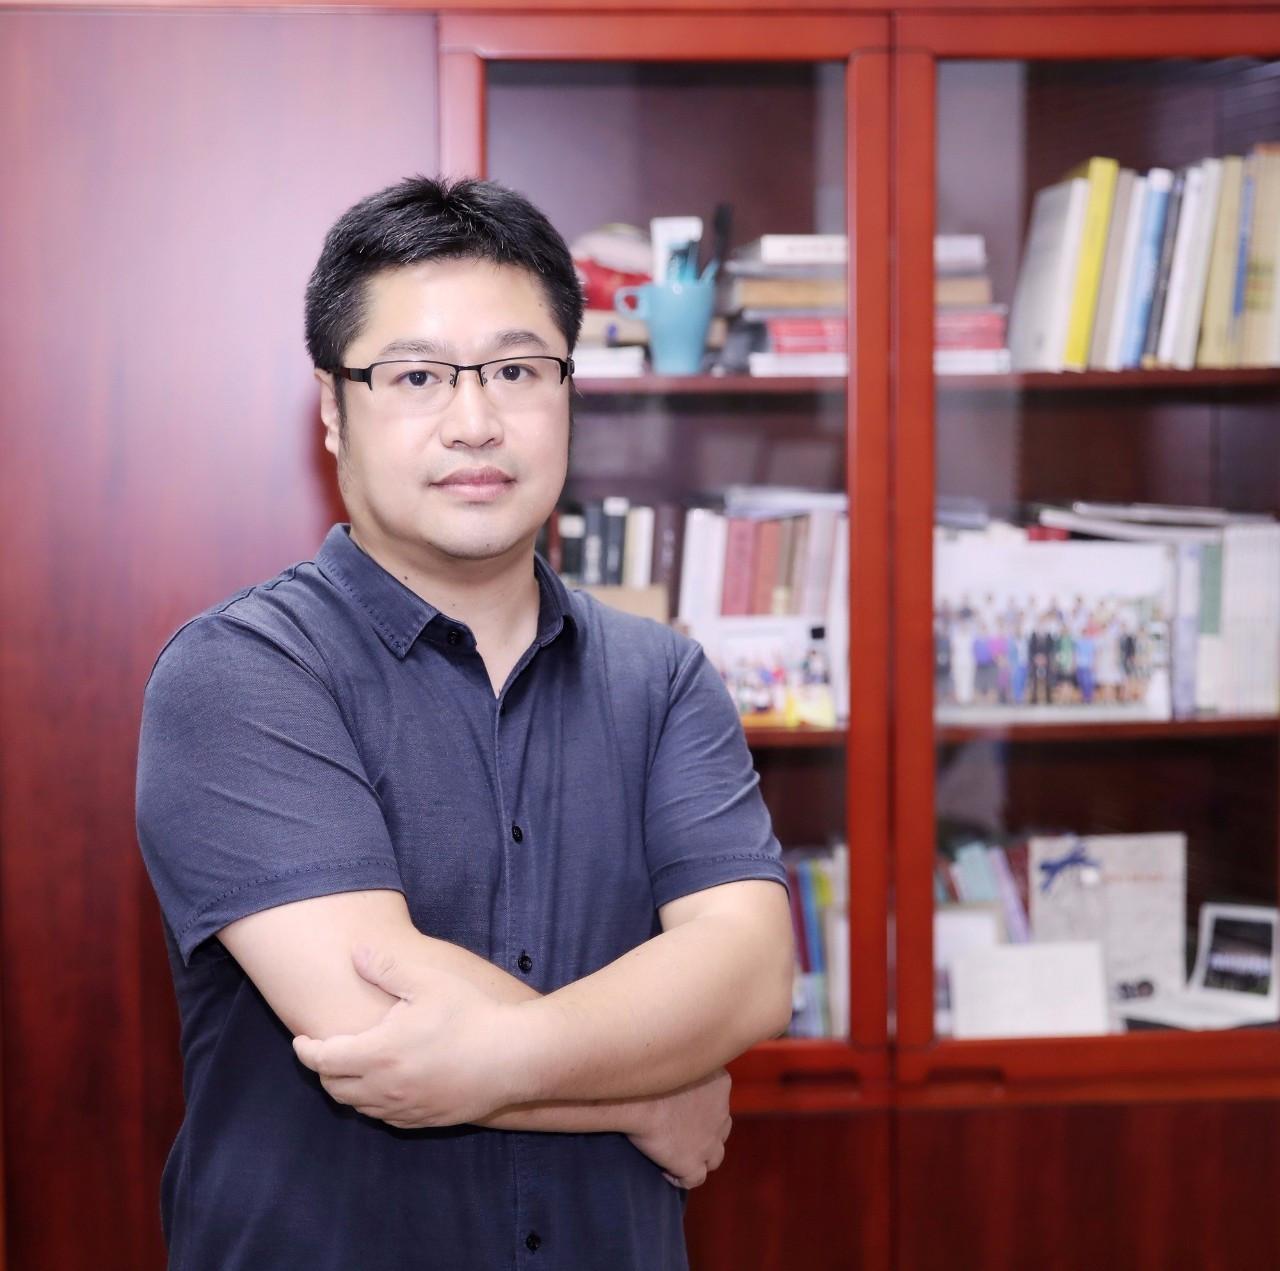 亲和源股份有限公司总裁张昊岩